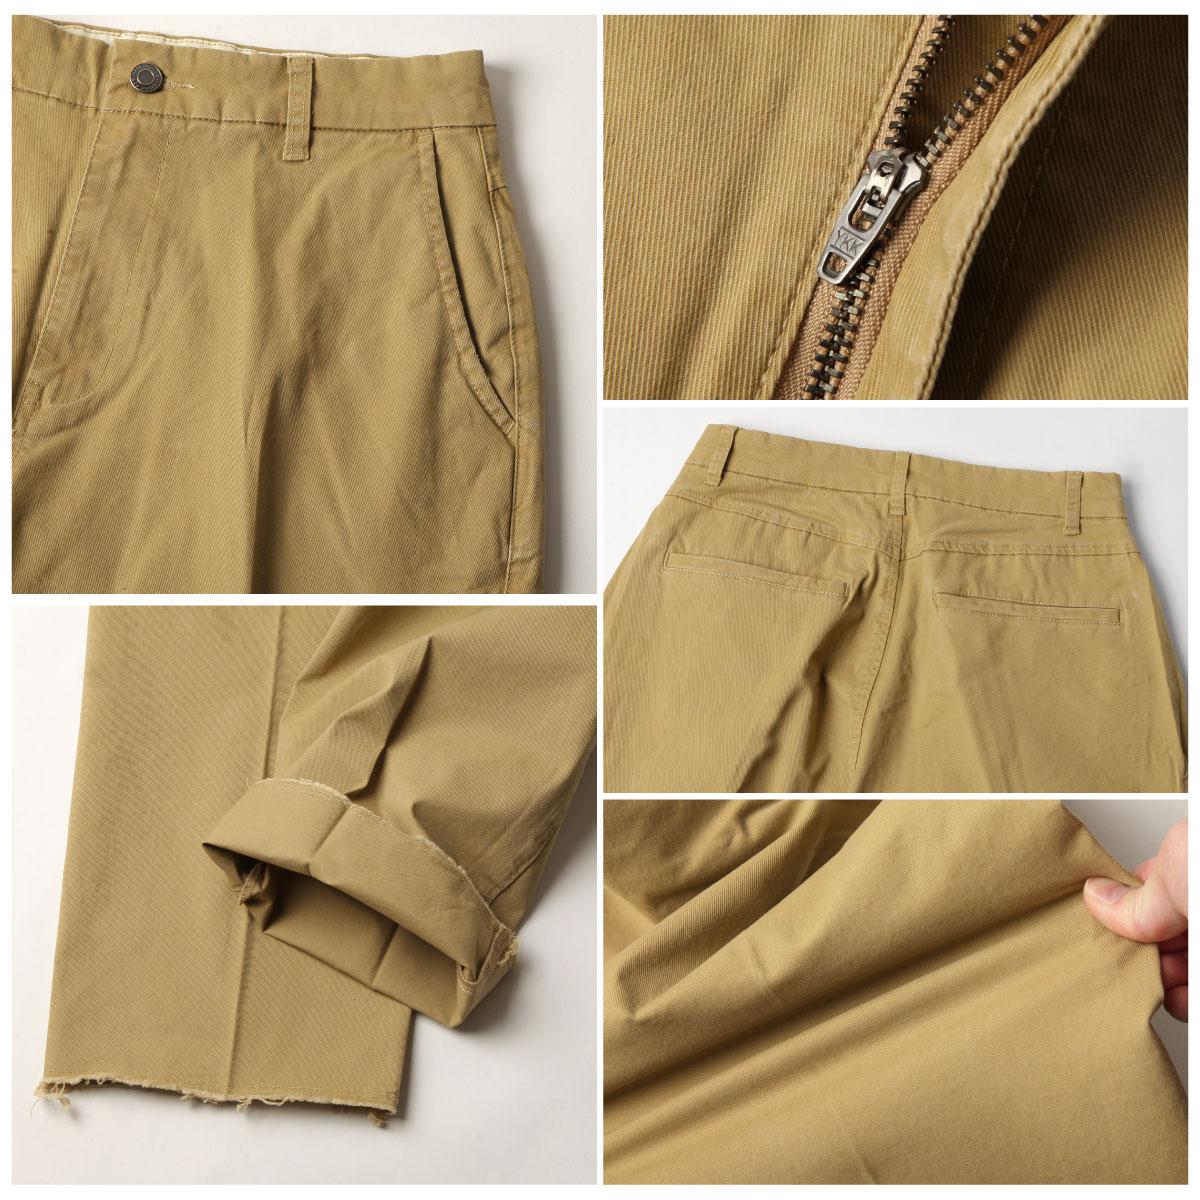 【New】ZIP 素色寬褲 立體折線 4